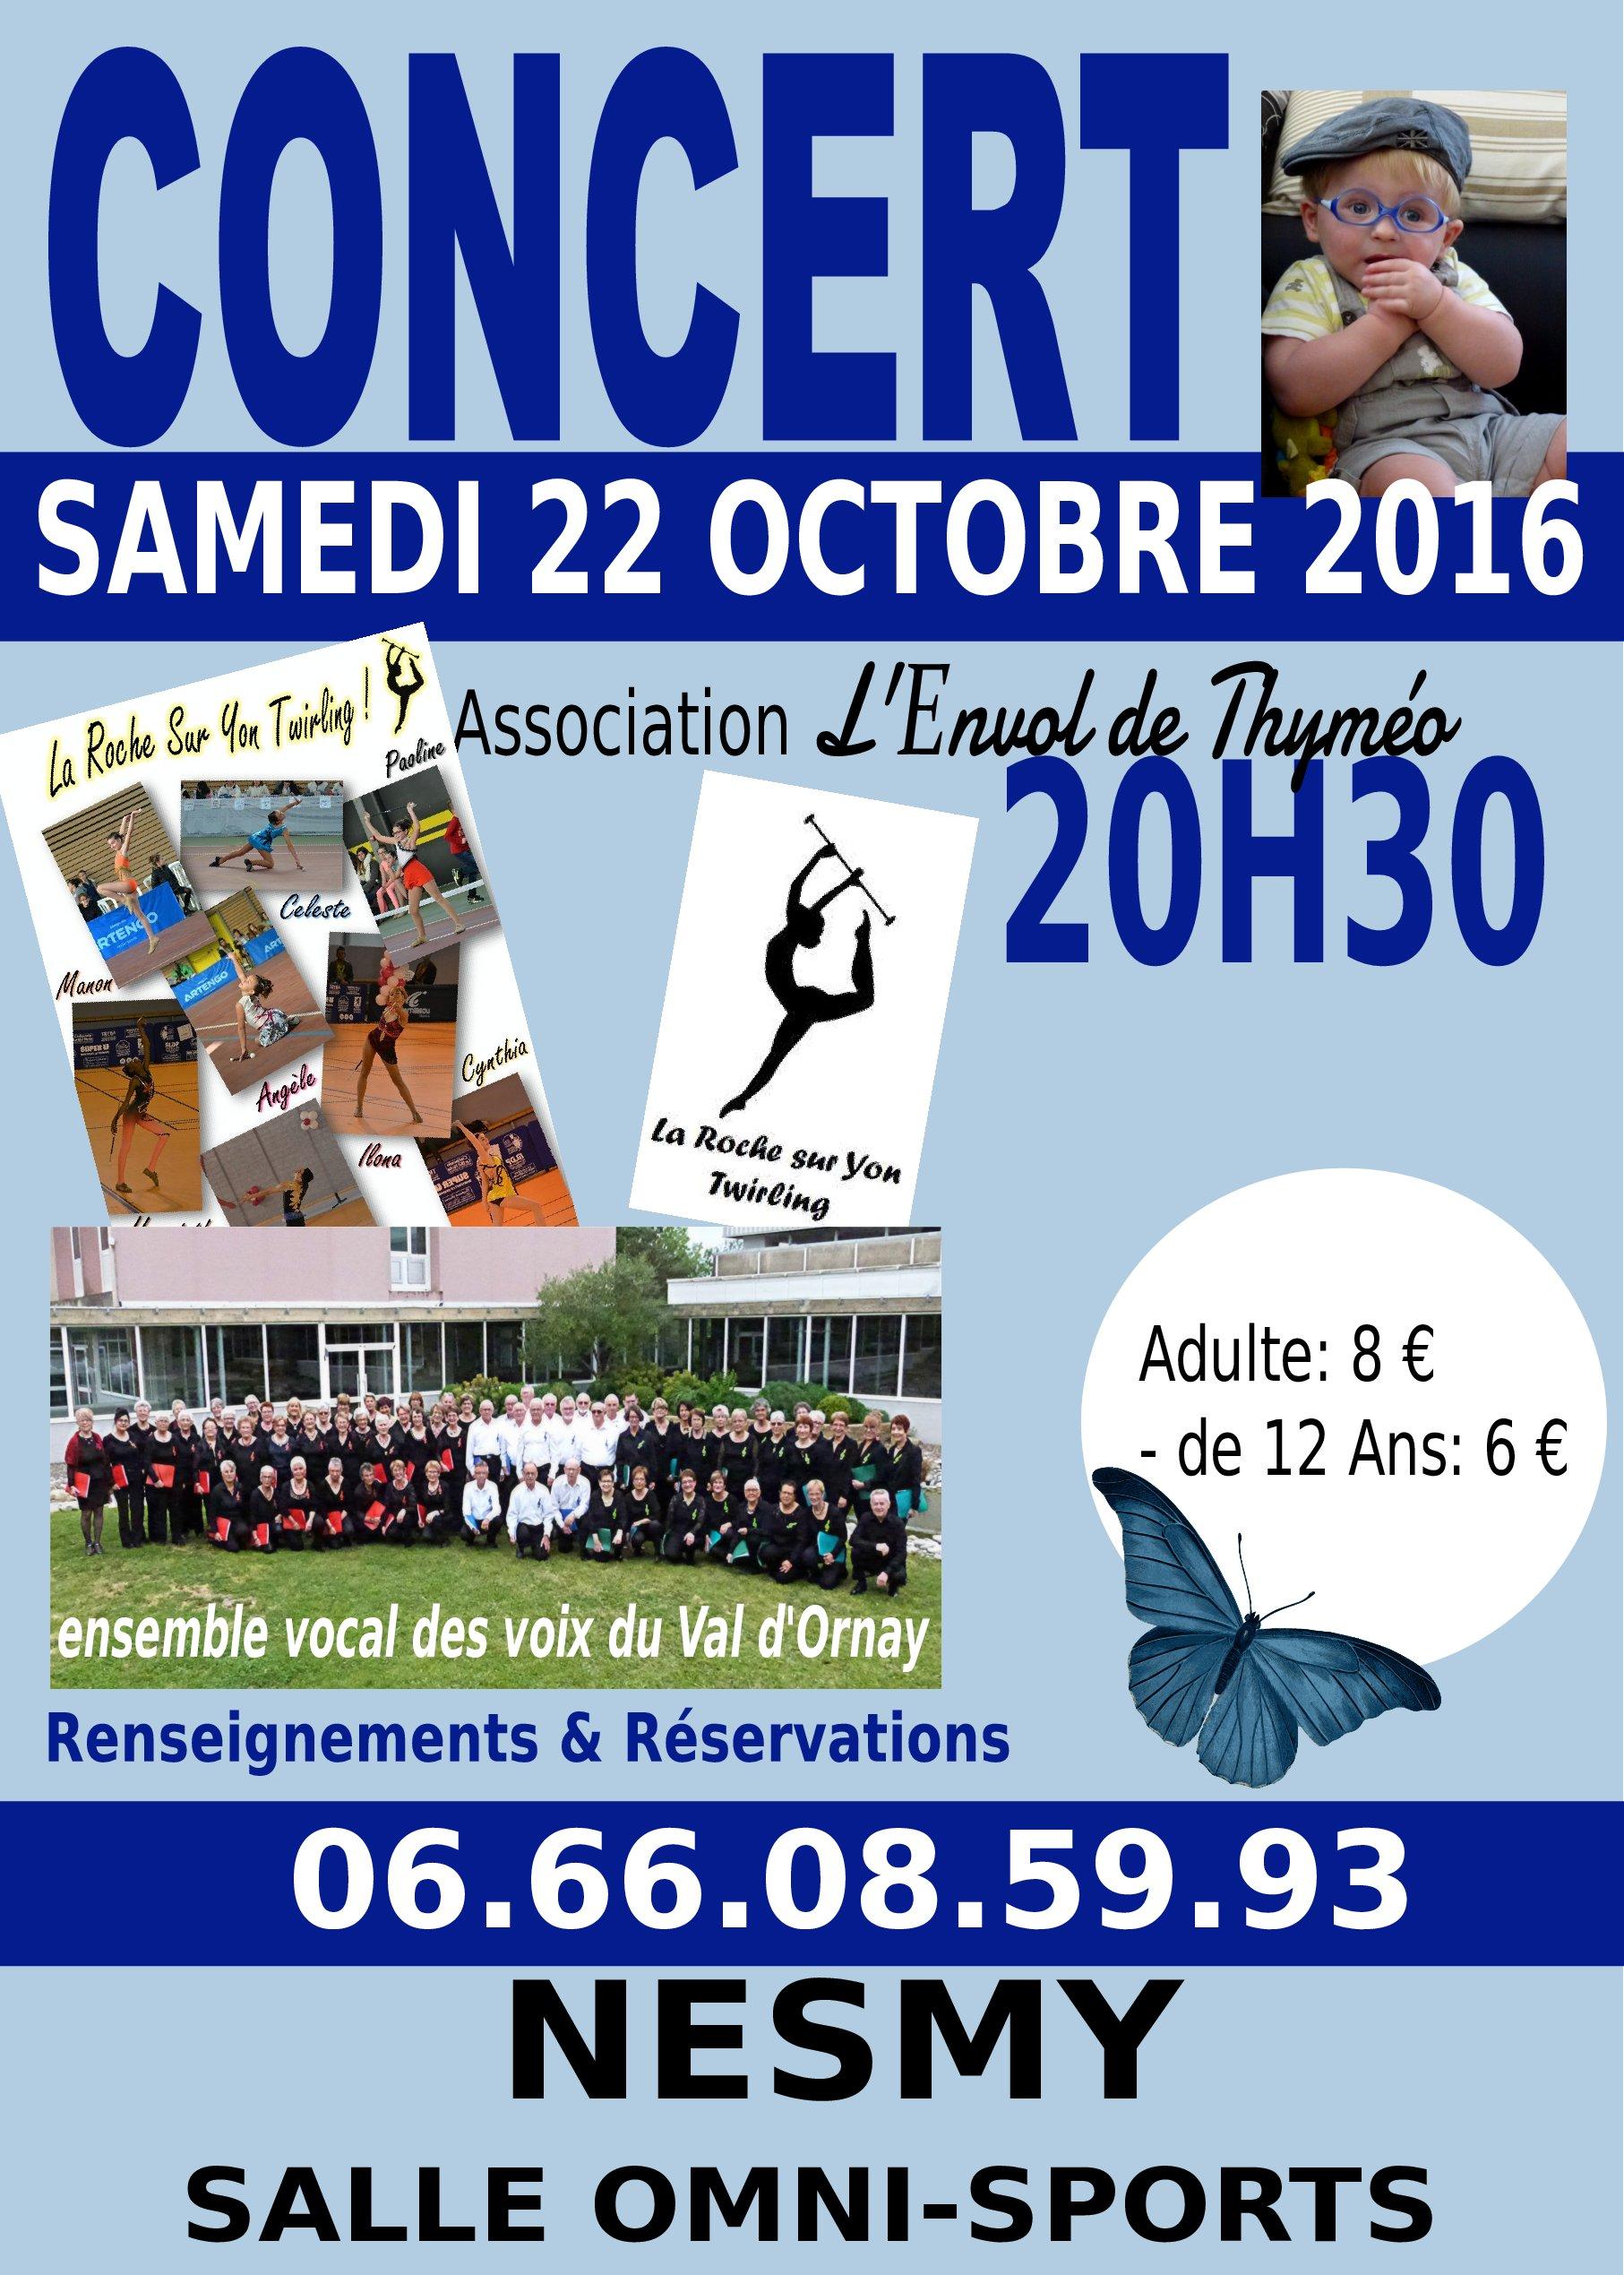 161022_concert_l-envol-de-thymeo_22-octobre-2016_hr_nesmy-fr